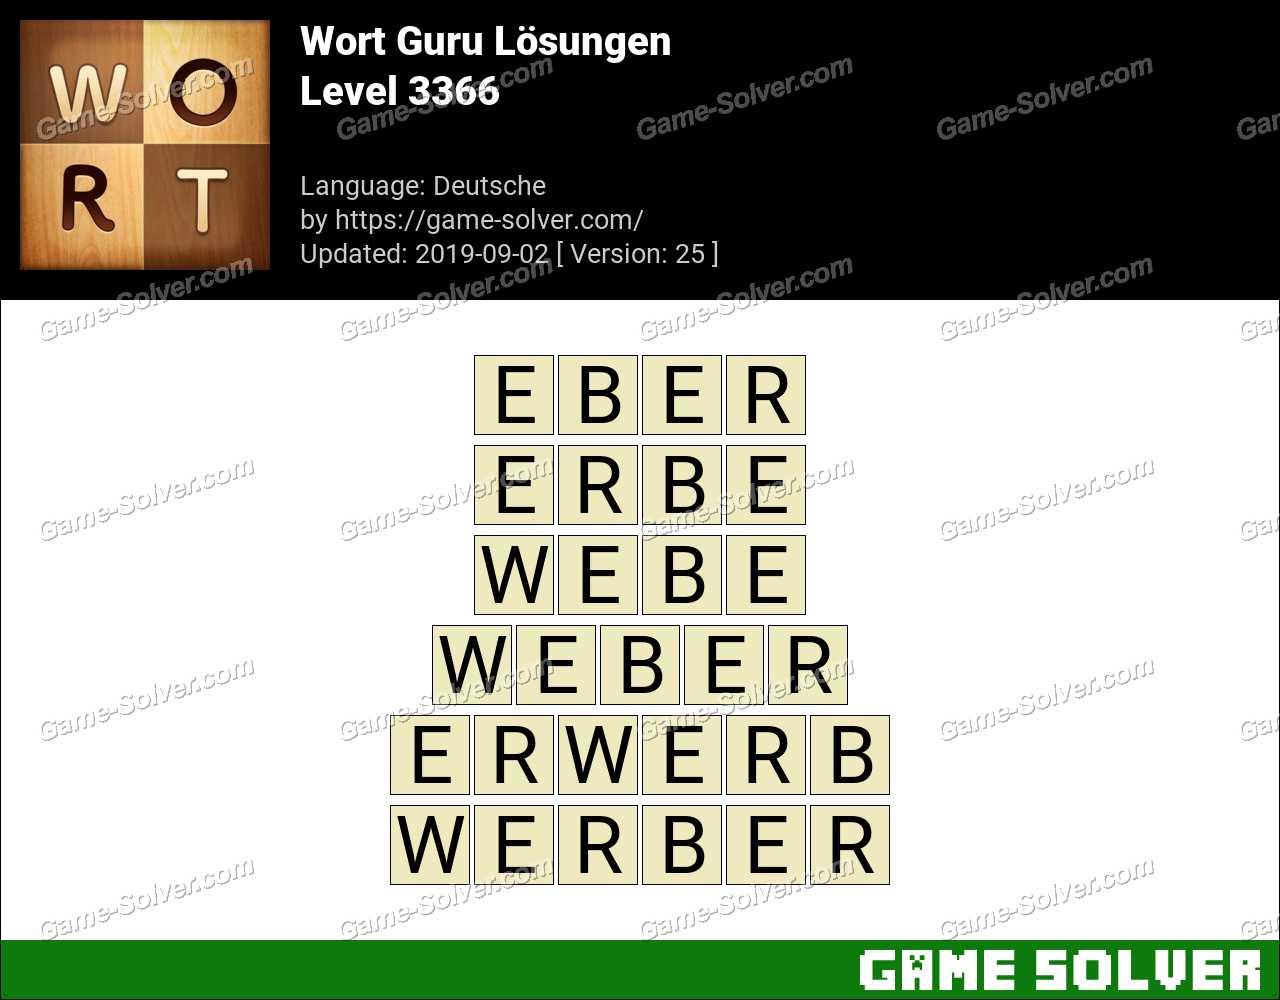 Wort Guru Level 3366 Lösungen